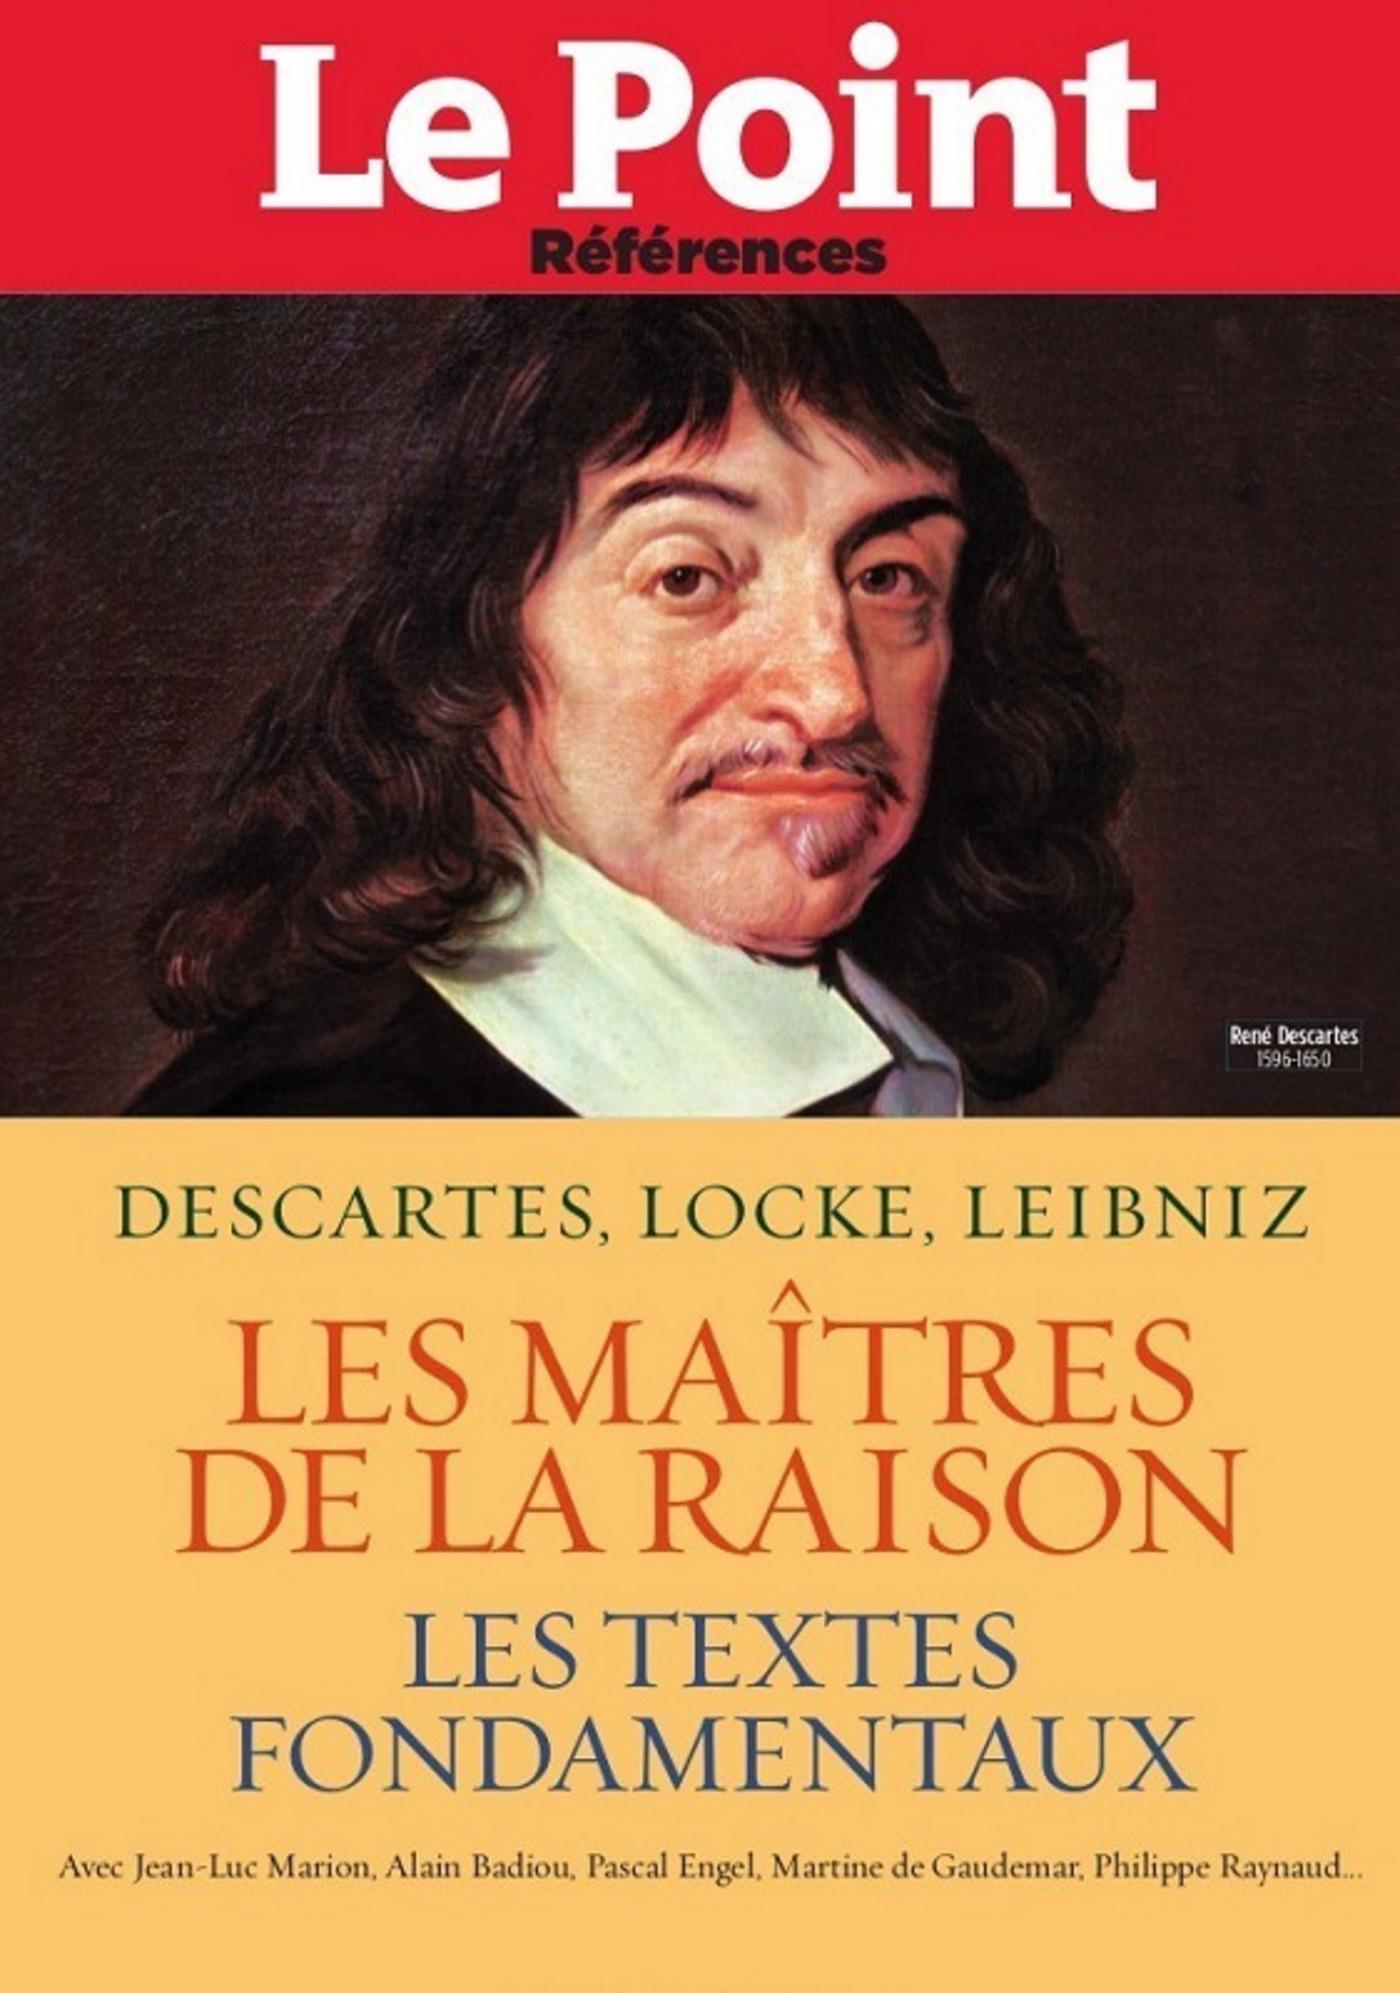 Les Maîtres de la raison, Les textes de Descartes, Locke, Leibniz